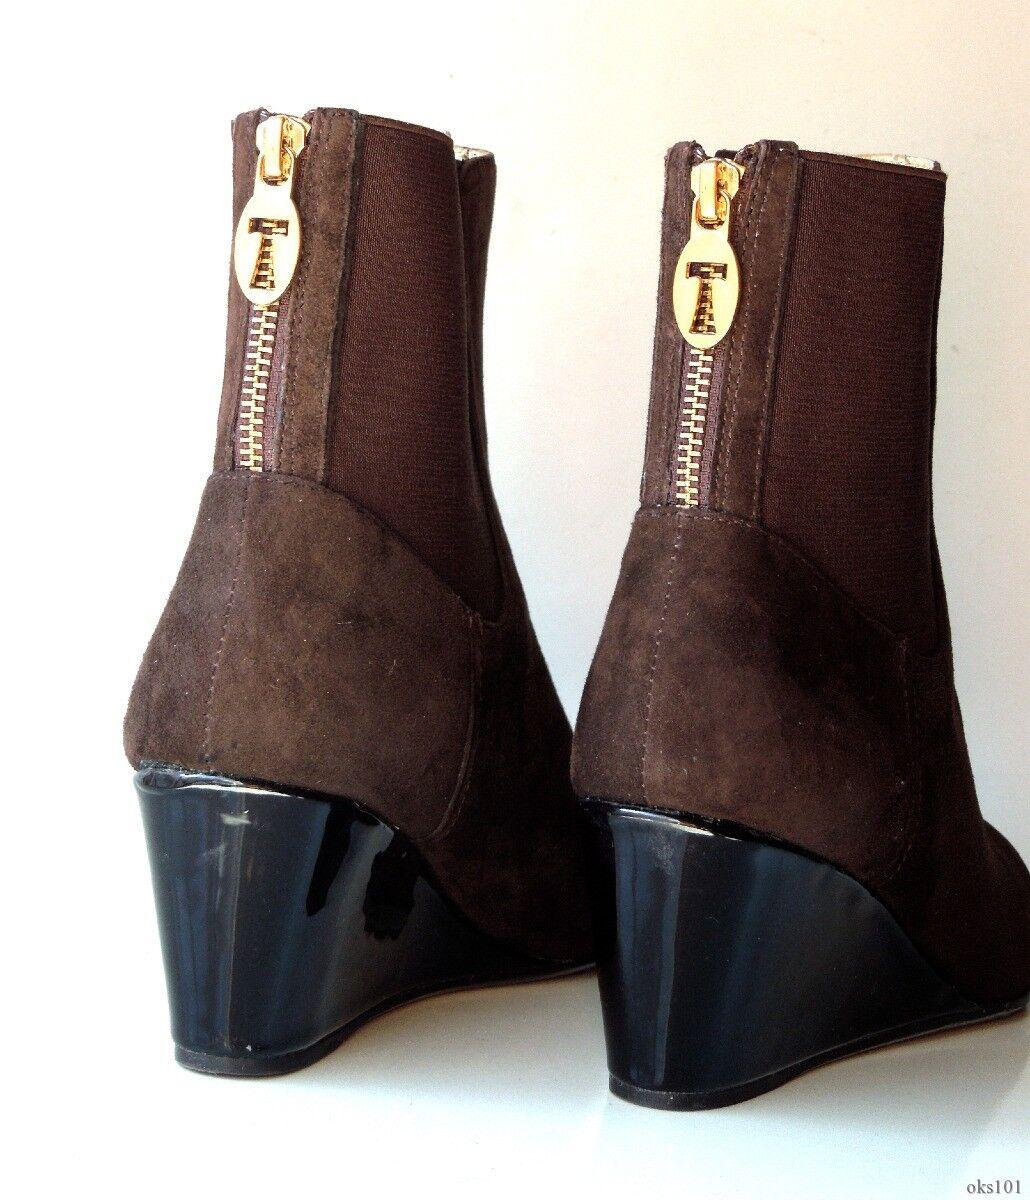 Nuevo Taryn oro rosado ante marrón oscuro oro Taryn Cremallera Cuña botas Hasta el Tobillo Zapatos 6-Hermosa 0f0609